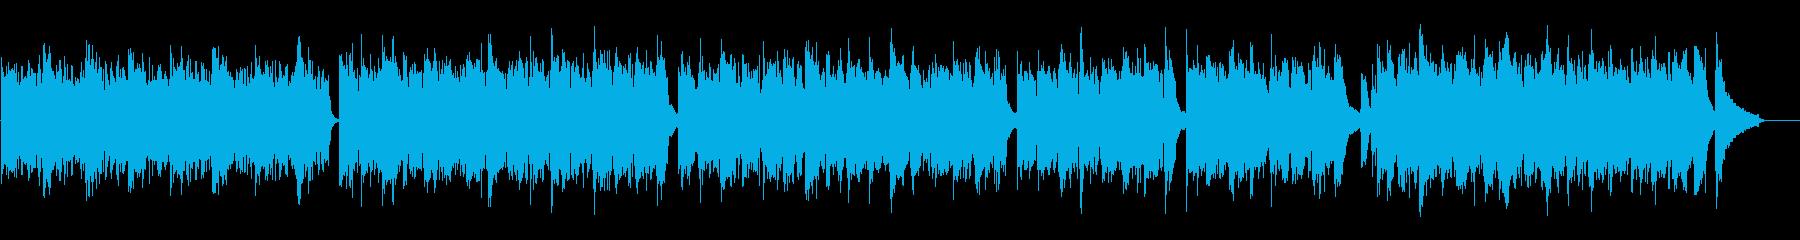 デジタル・未来・知的ピアノ:ピアノと低弦の再生済みの波形